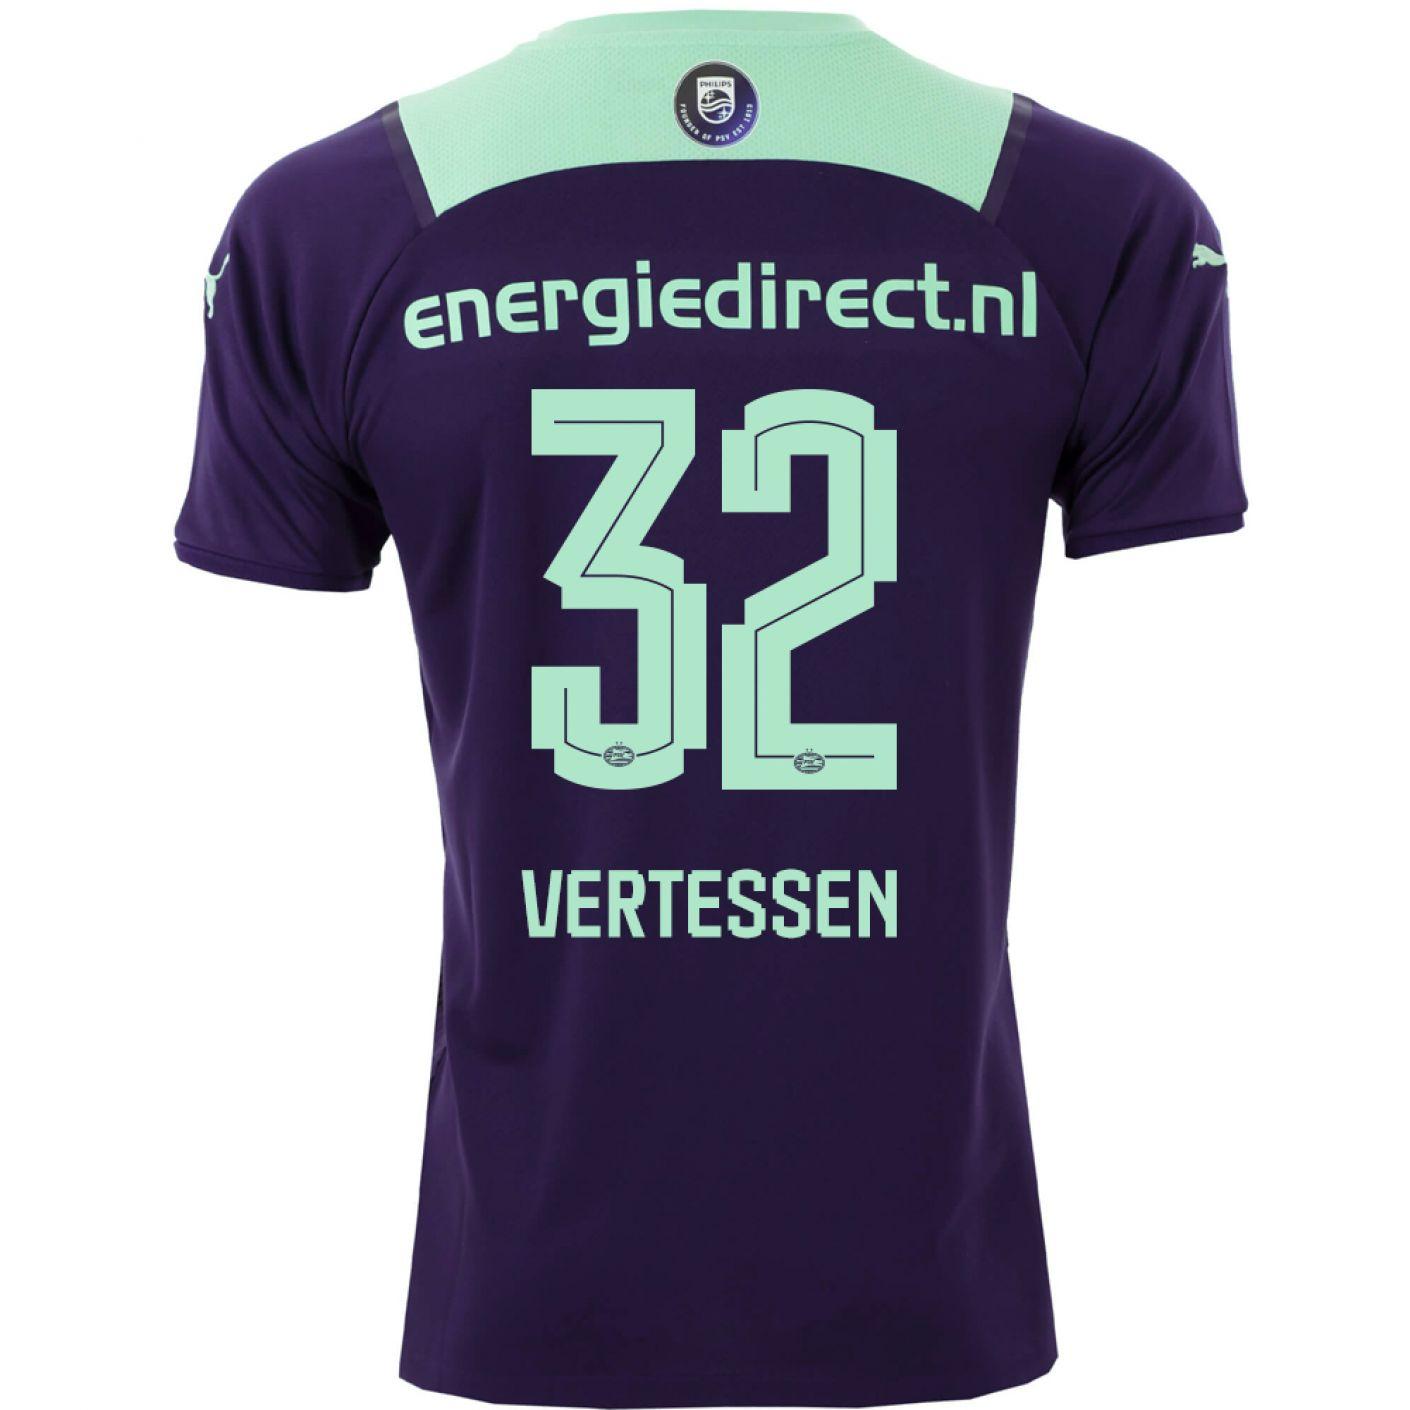 PSV Vertessen 32 Uitshirt 21/22